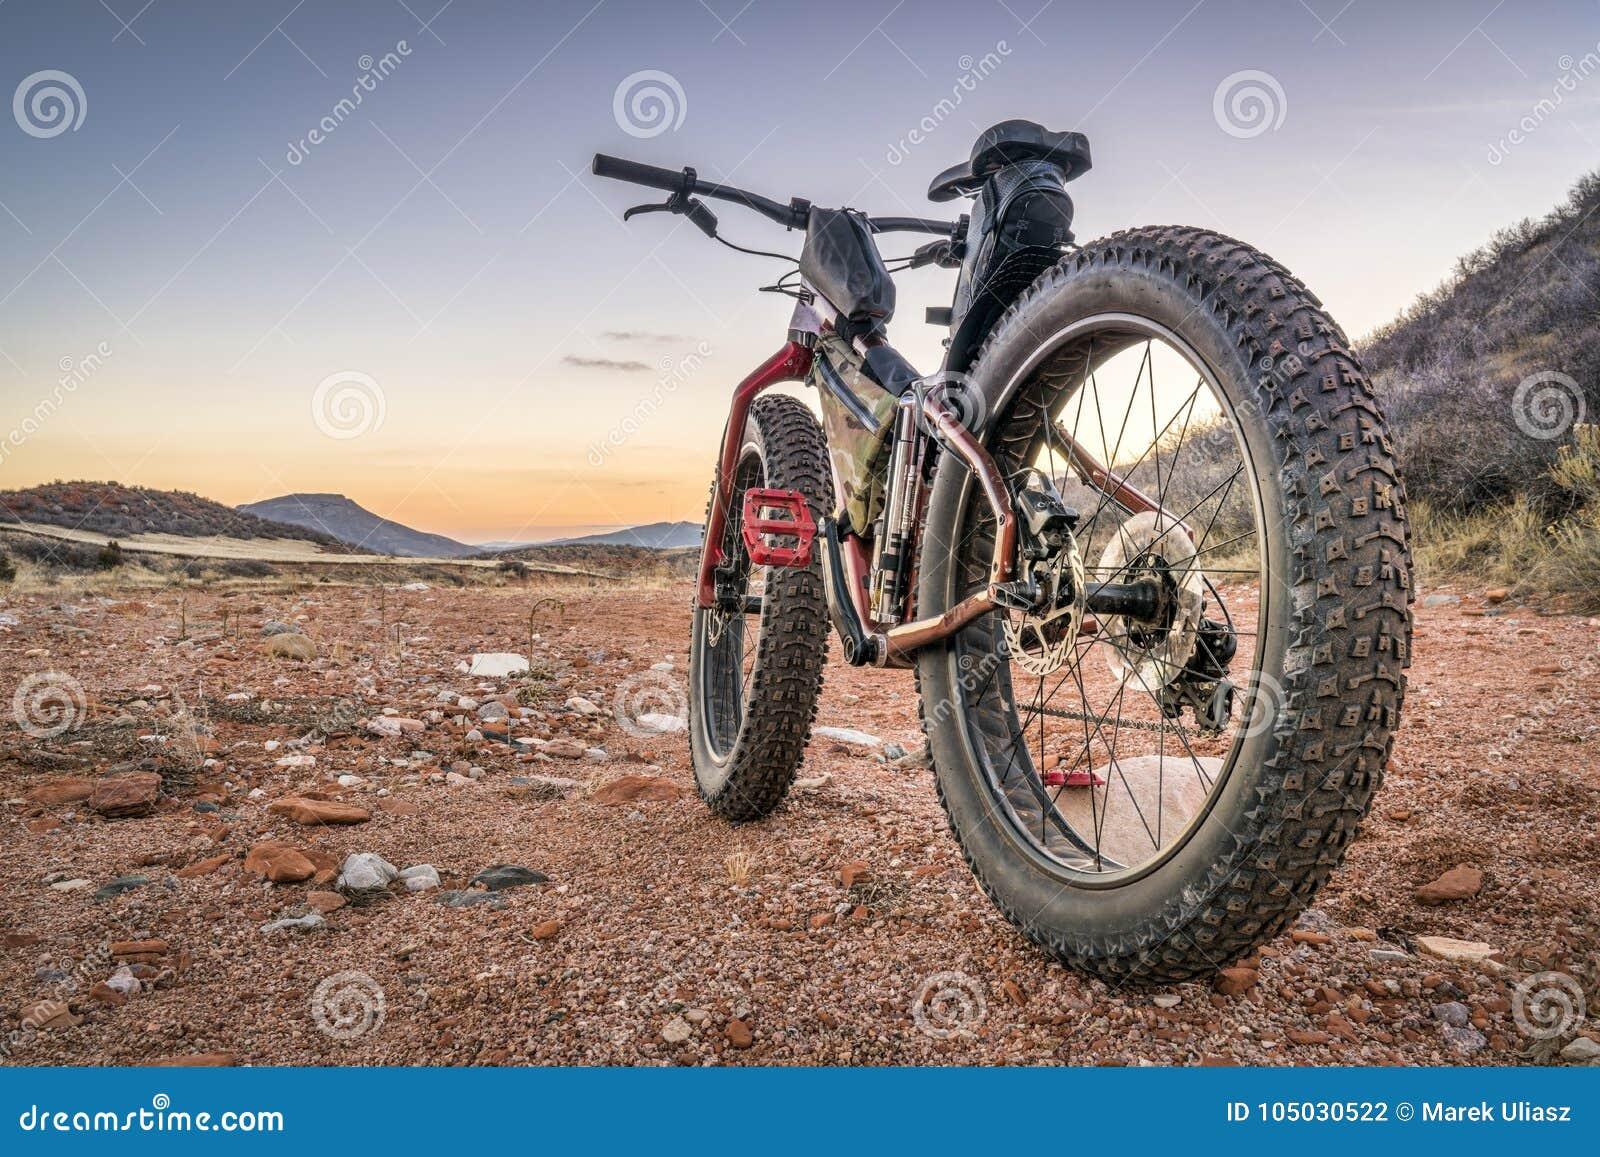 Παχύ ποδήλατο σε ένα ίχνος ερήμων με το βαθύ, χαλαρό αμμοχάλικο